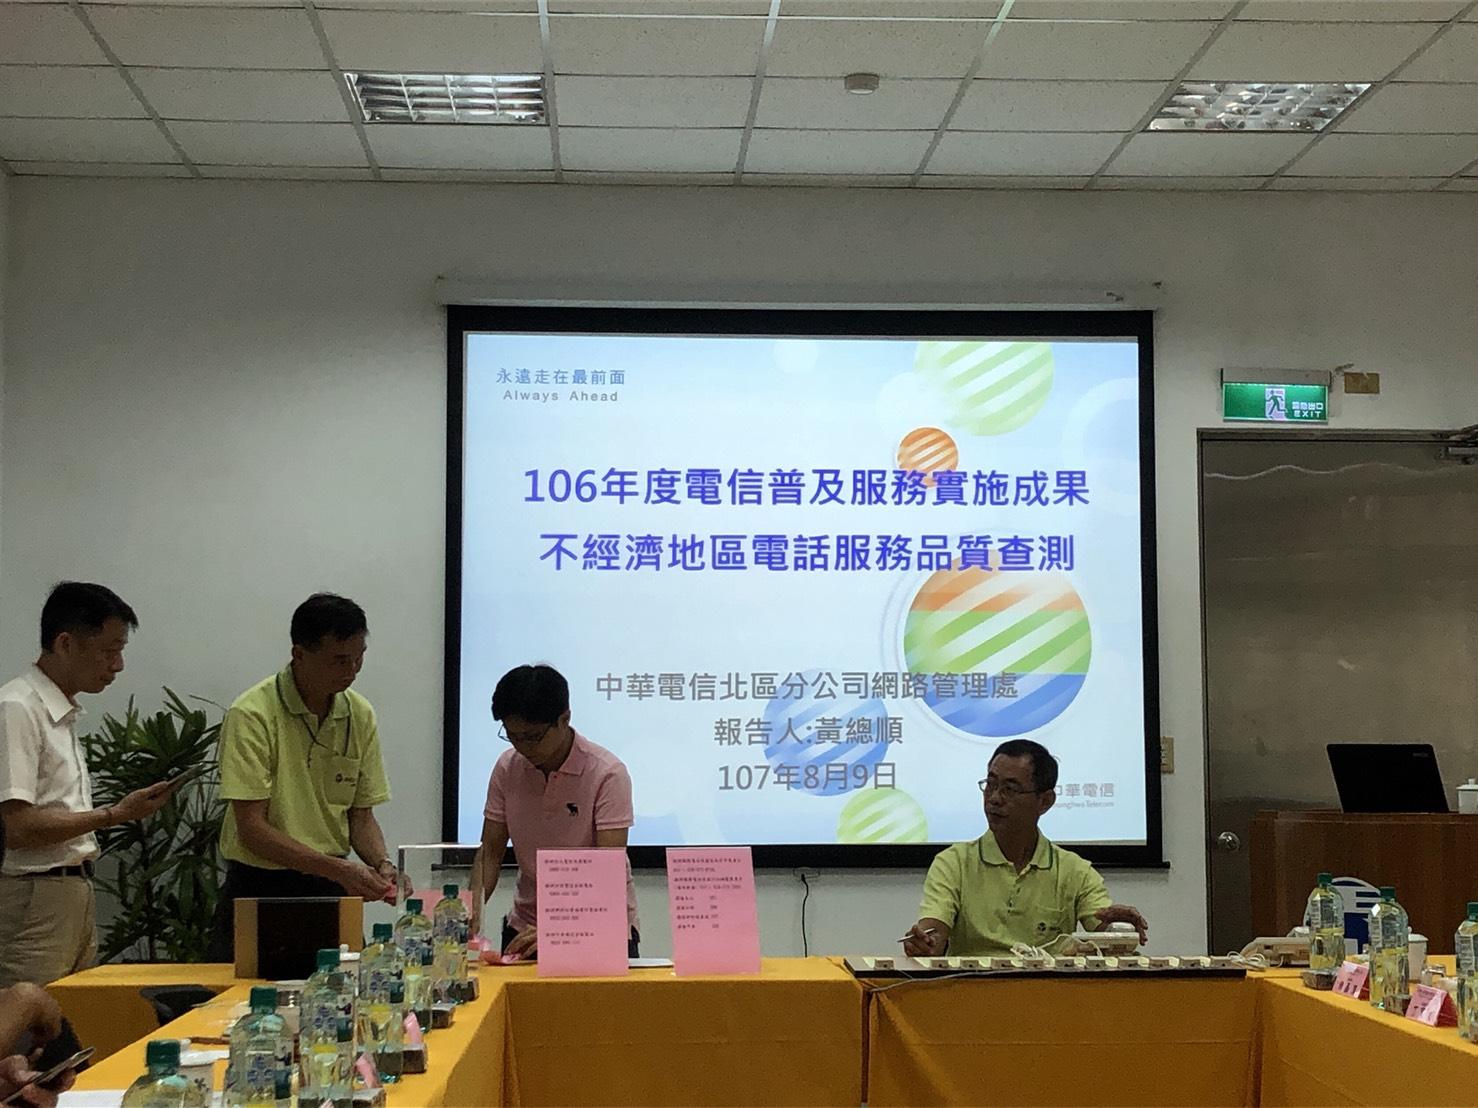 106年度電信普及服務實施成果泰安鄉電話服務品質查測